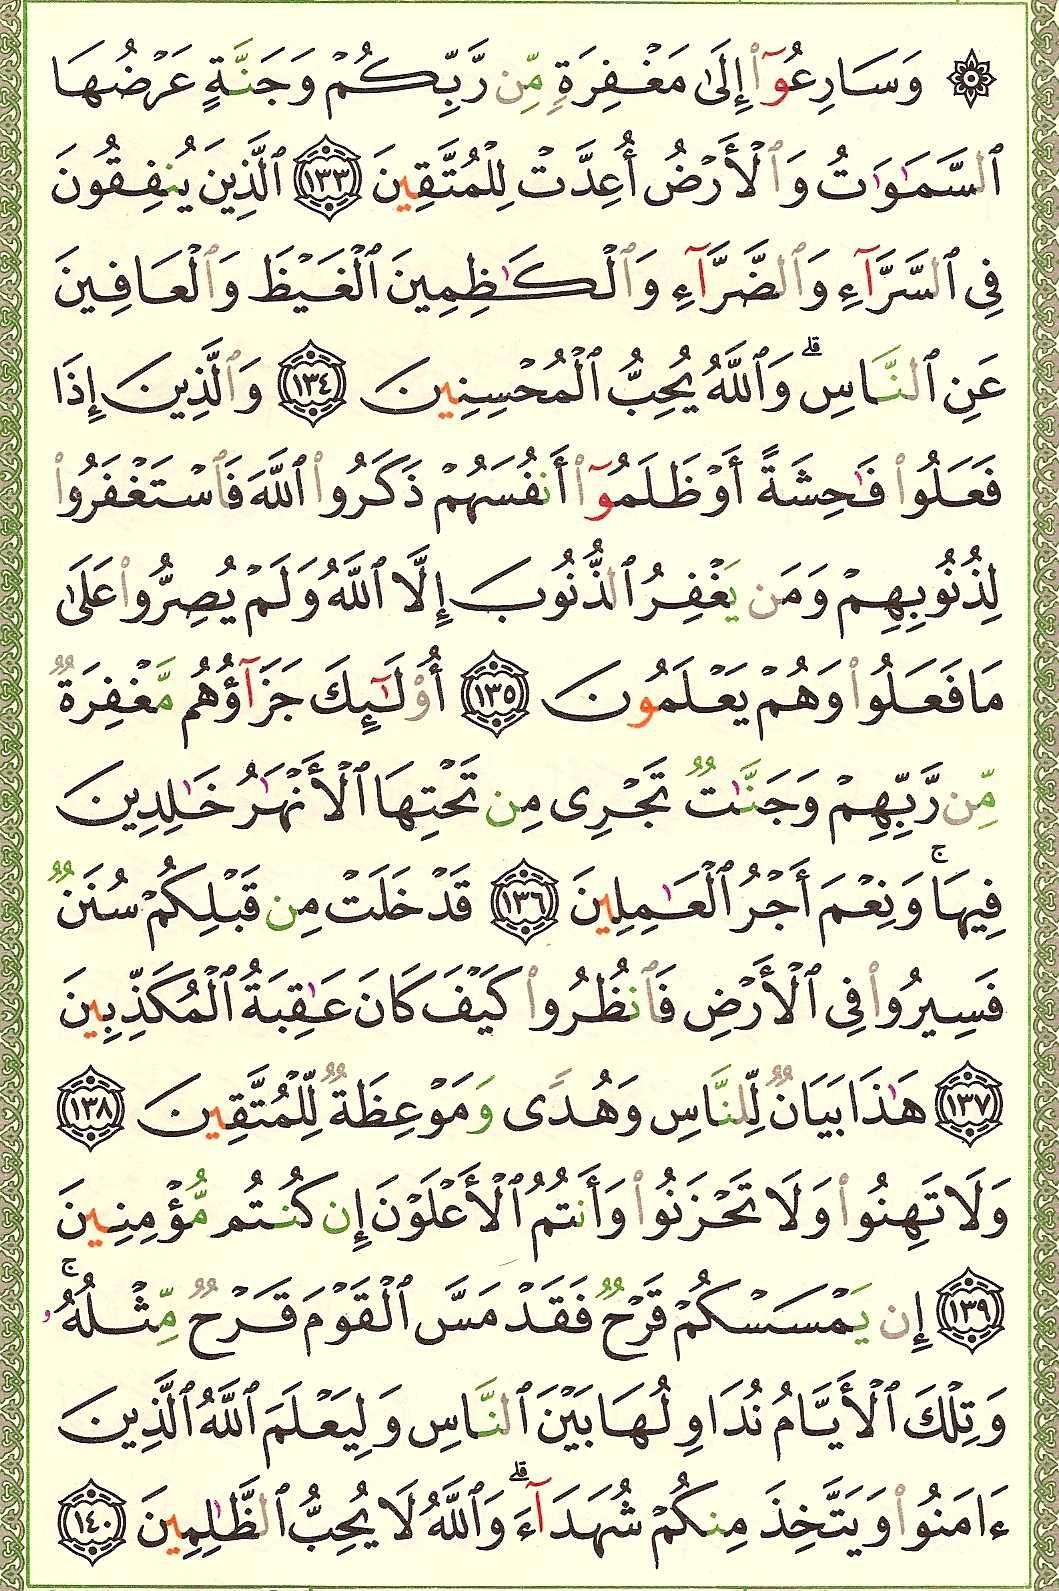 3. سورة آل عمران - Al-Imran مصورة من المصحف الشريف 067